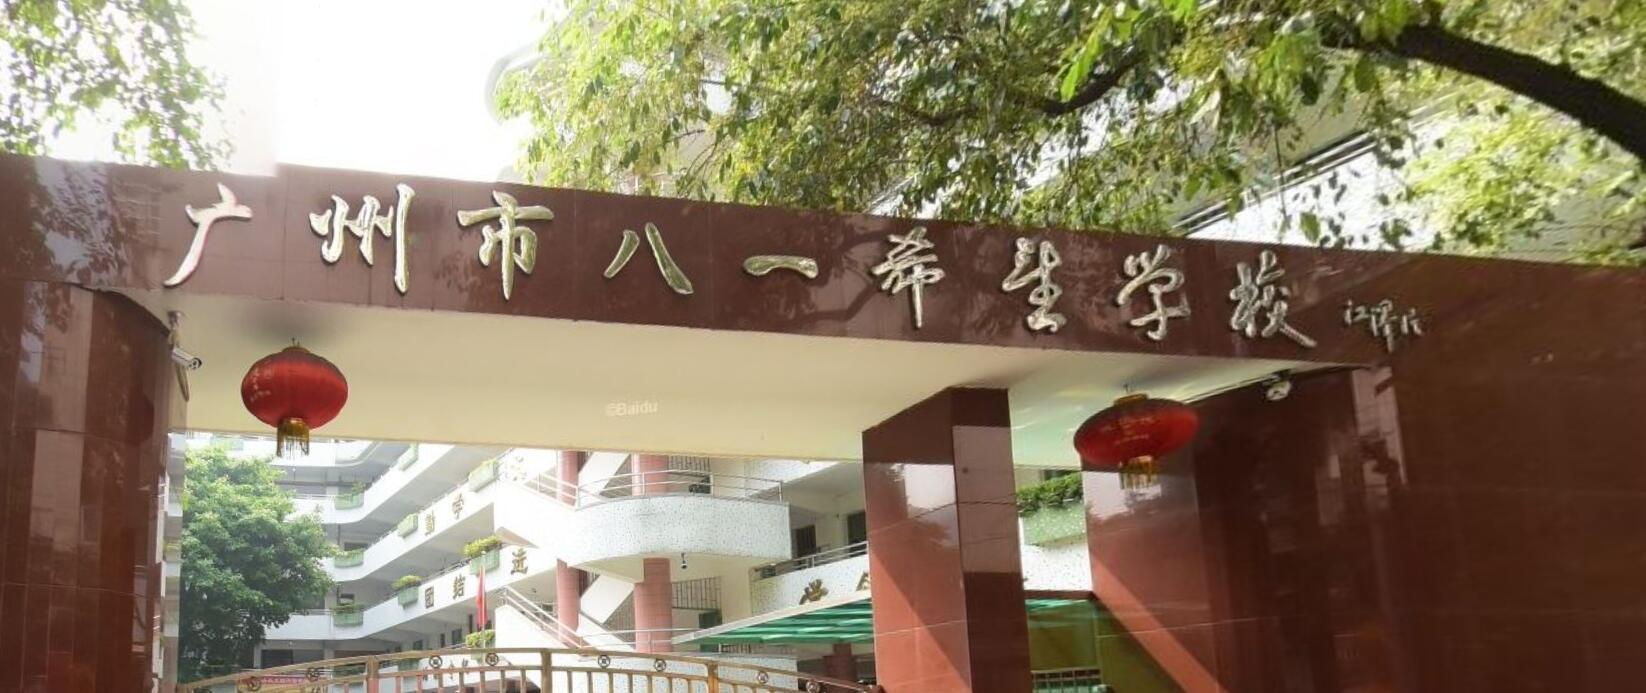 广州越秀区八一希望学校图片